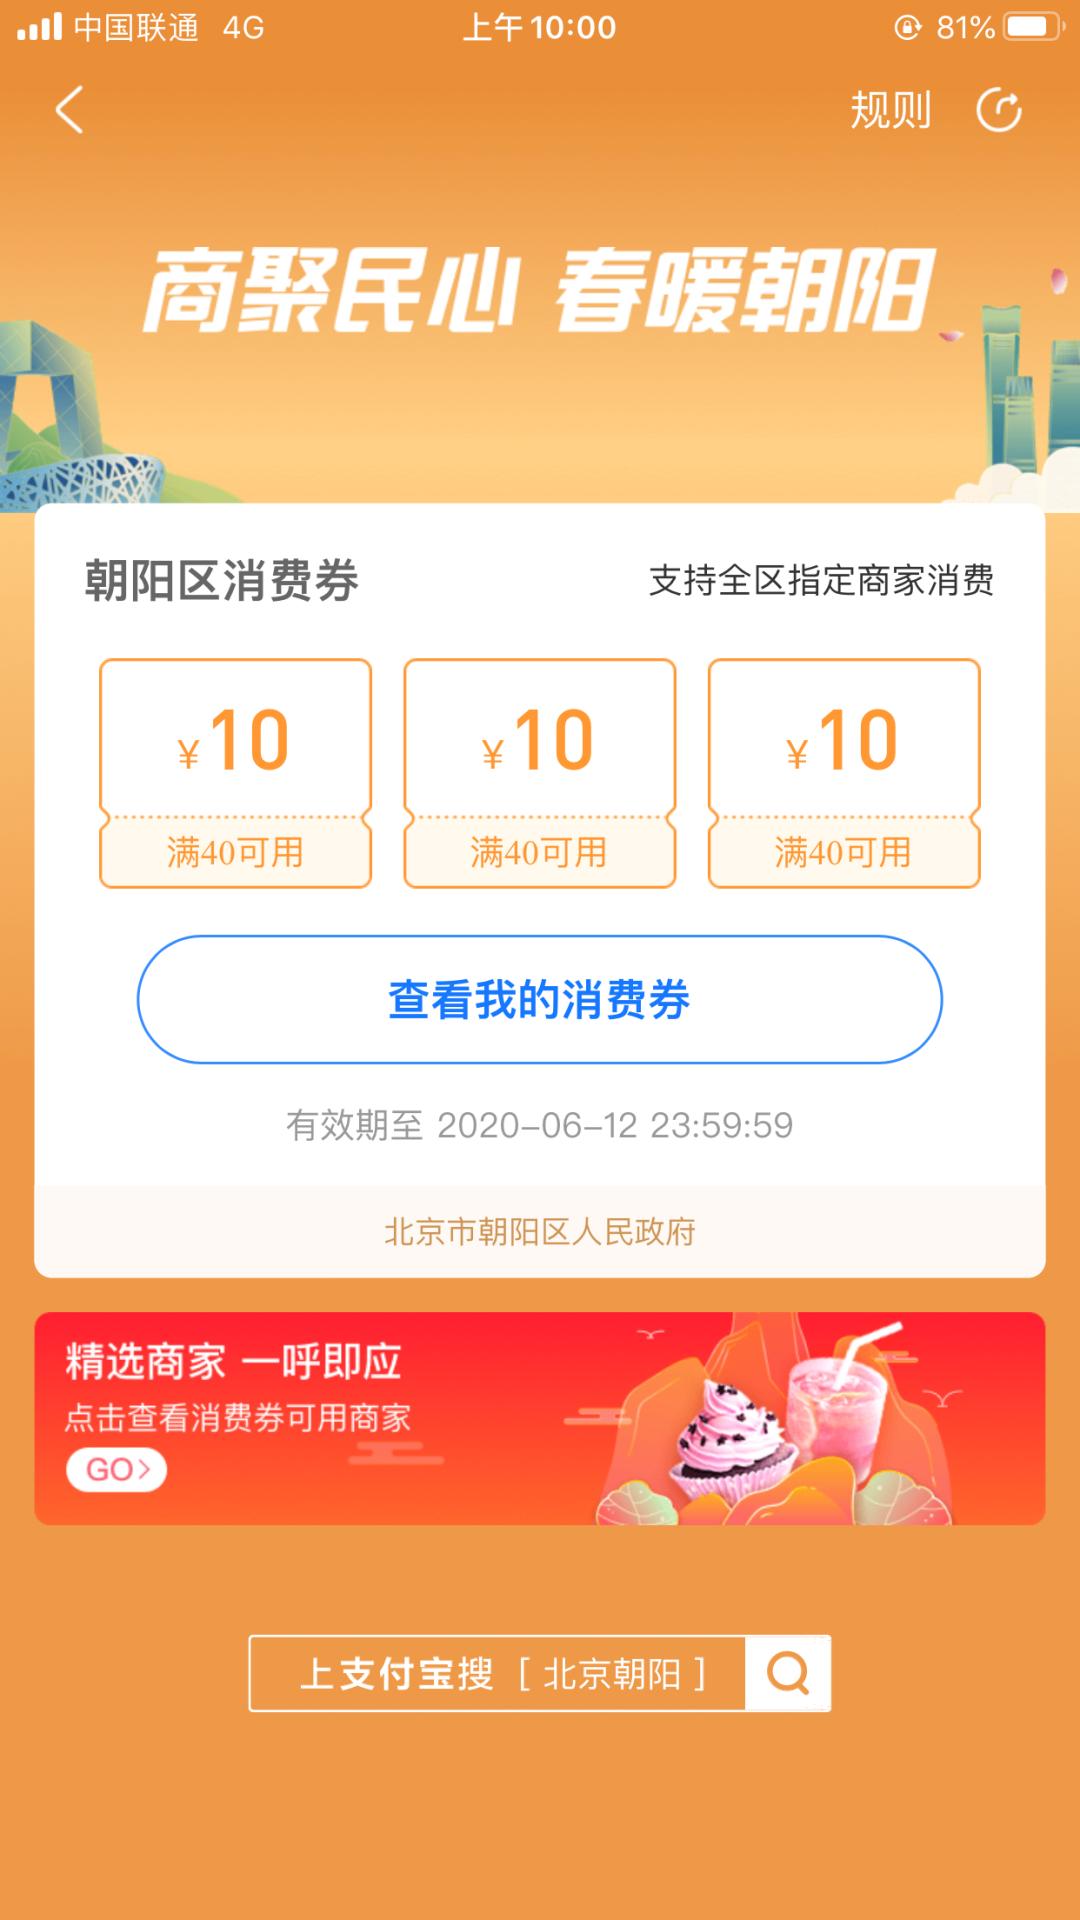 1:19。朝阳5000万政府投放电子消费券(图)